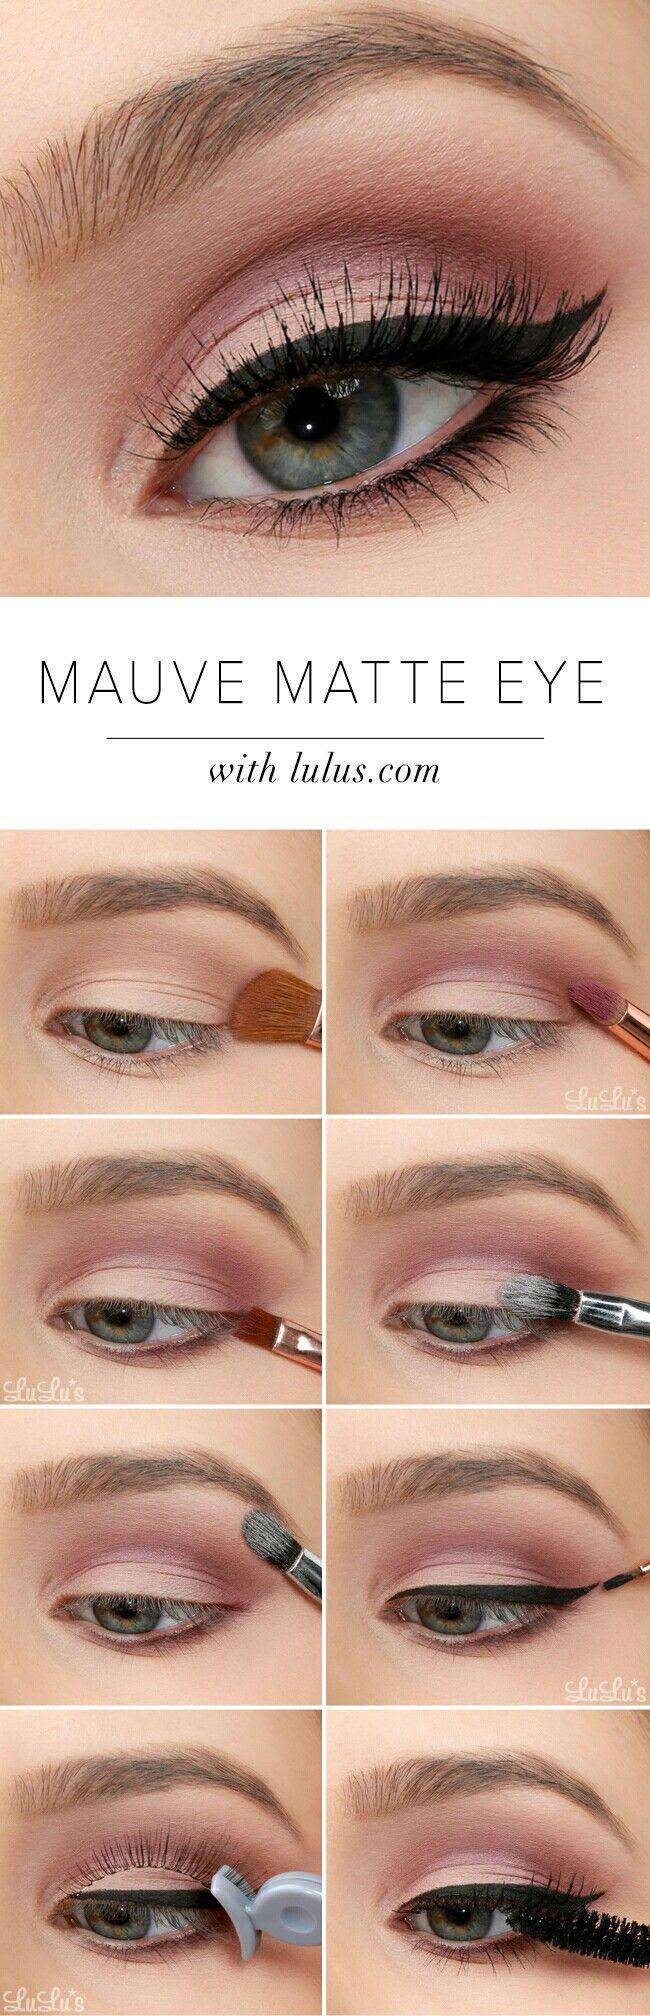 Mauve matte eye